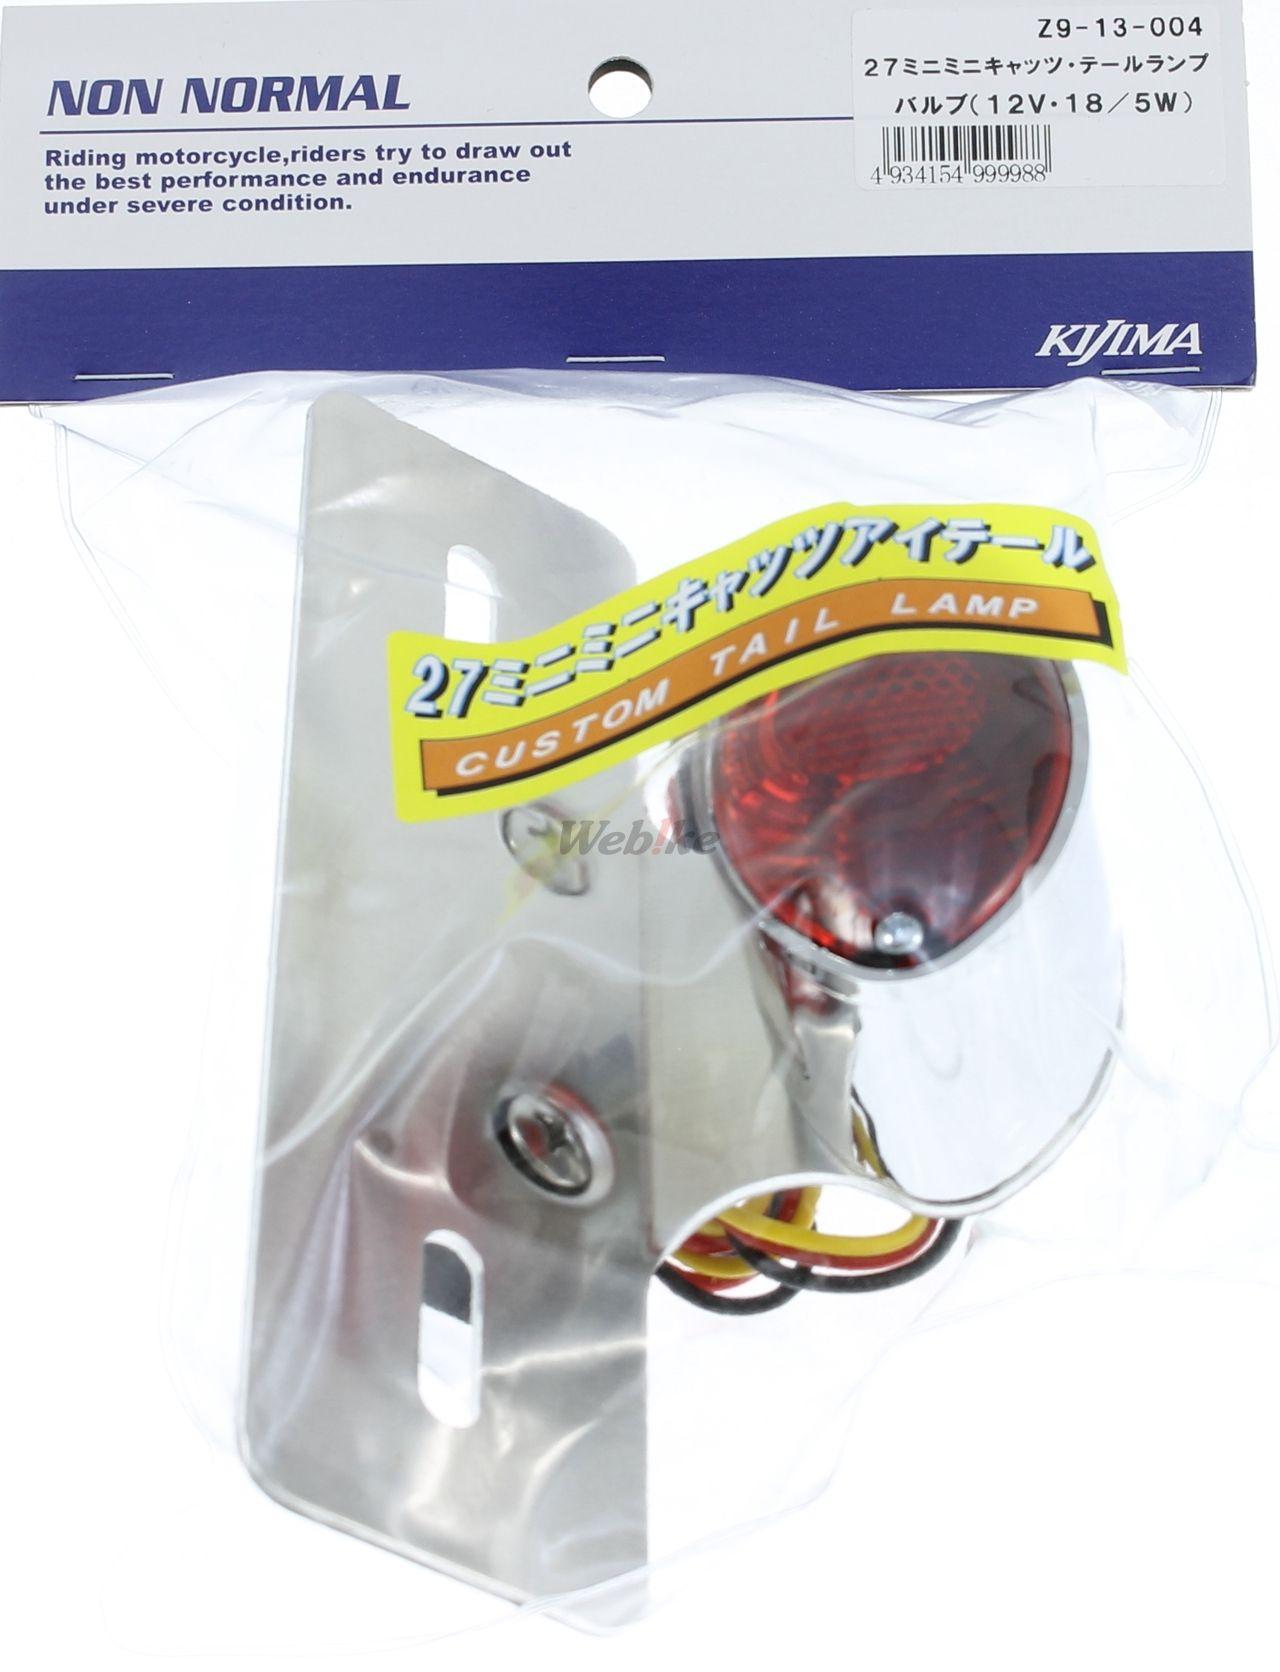 【KIJIMA】27尾燈 - 「Webike-摩托百貨」